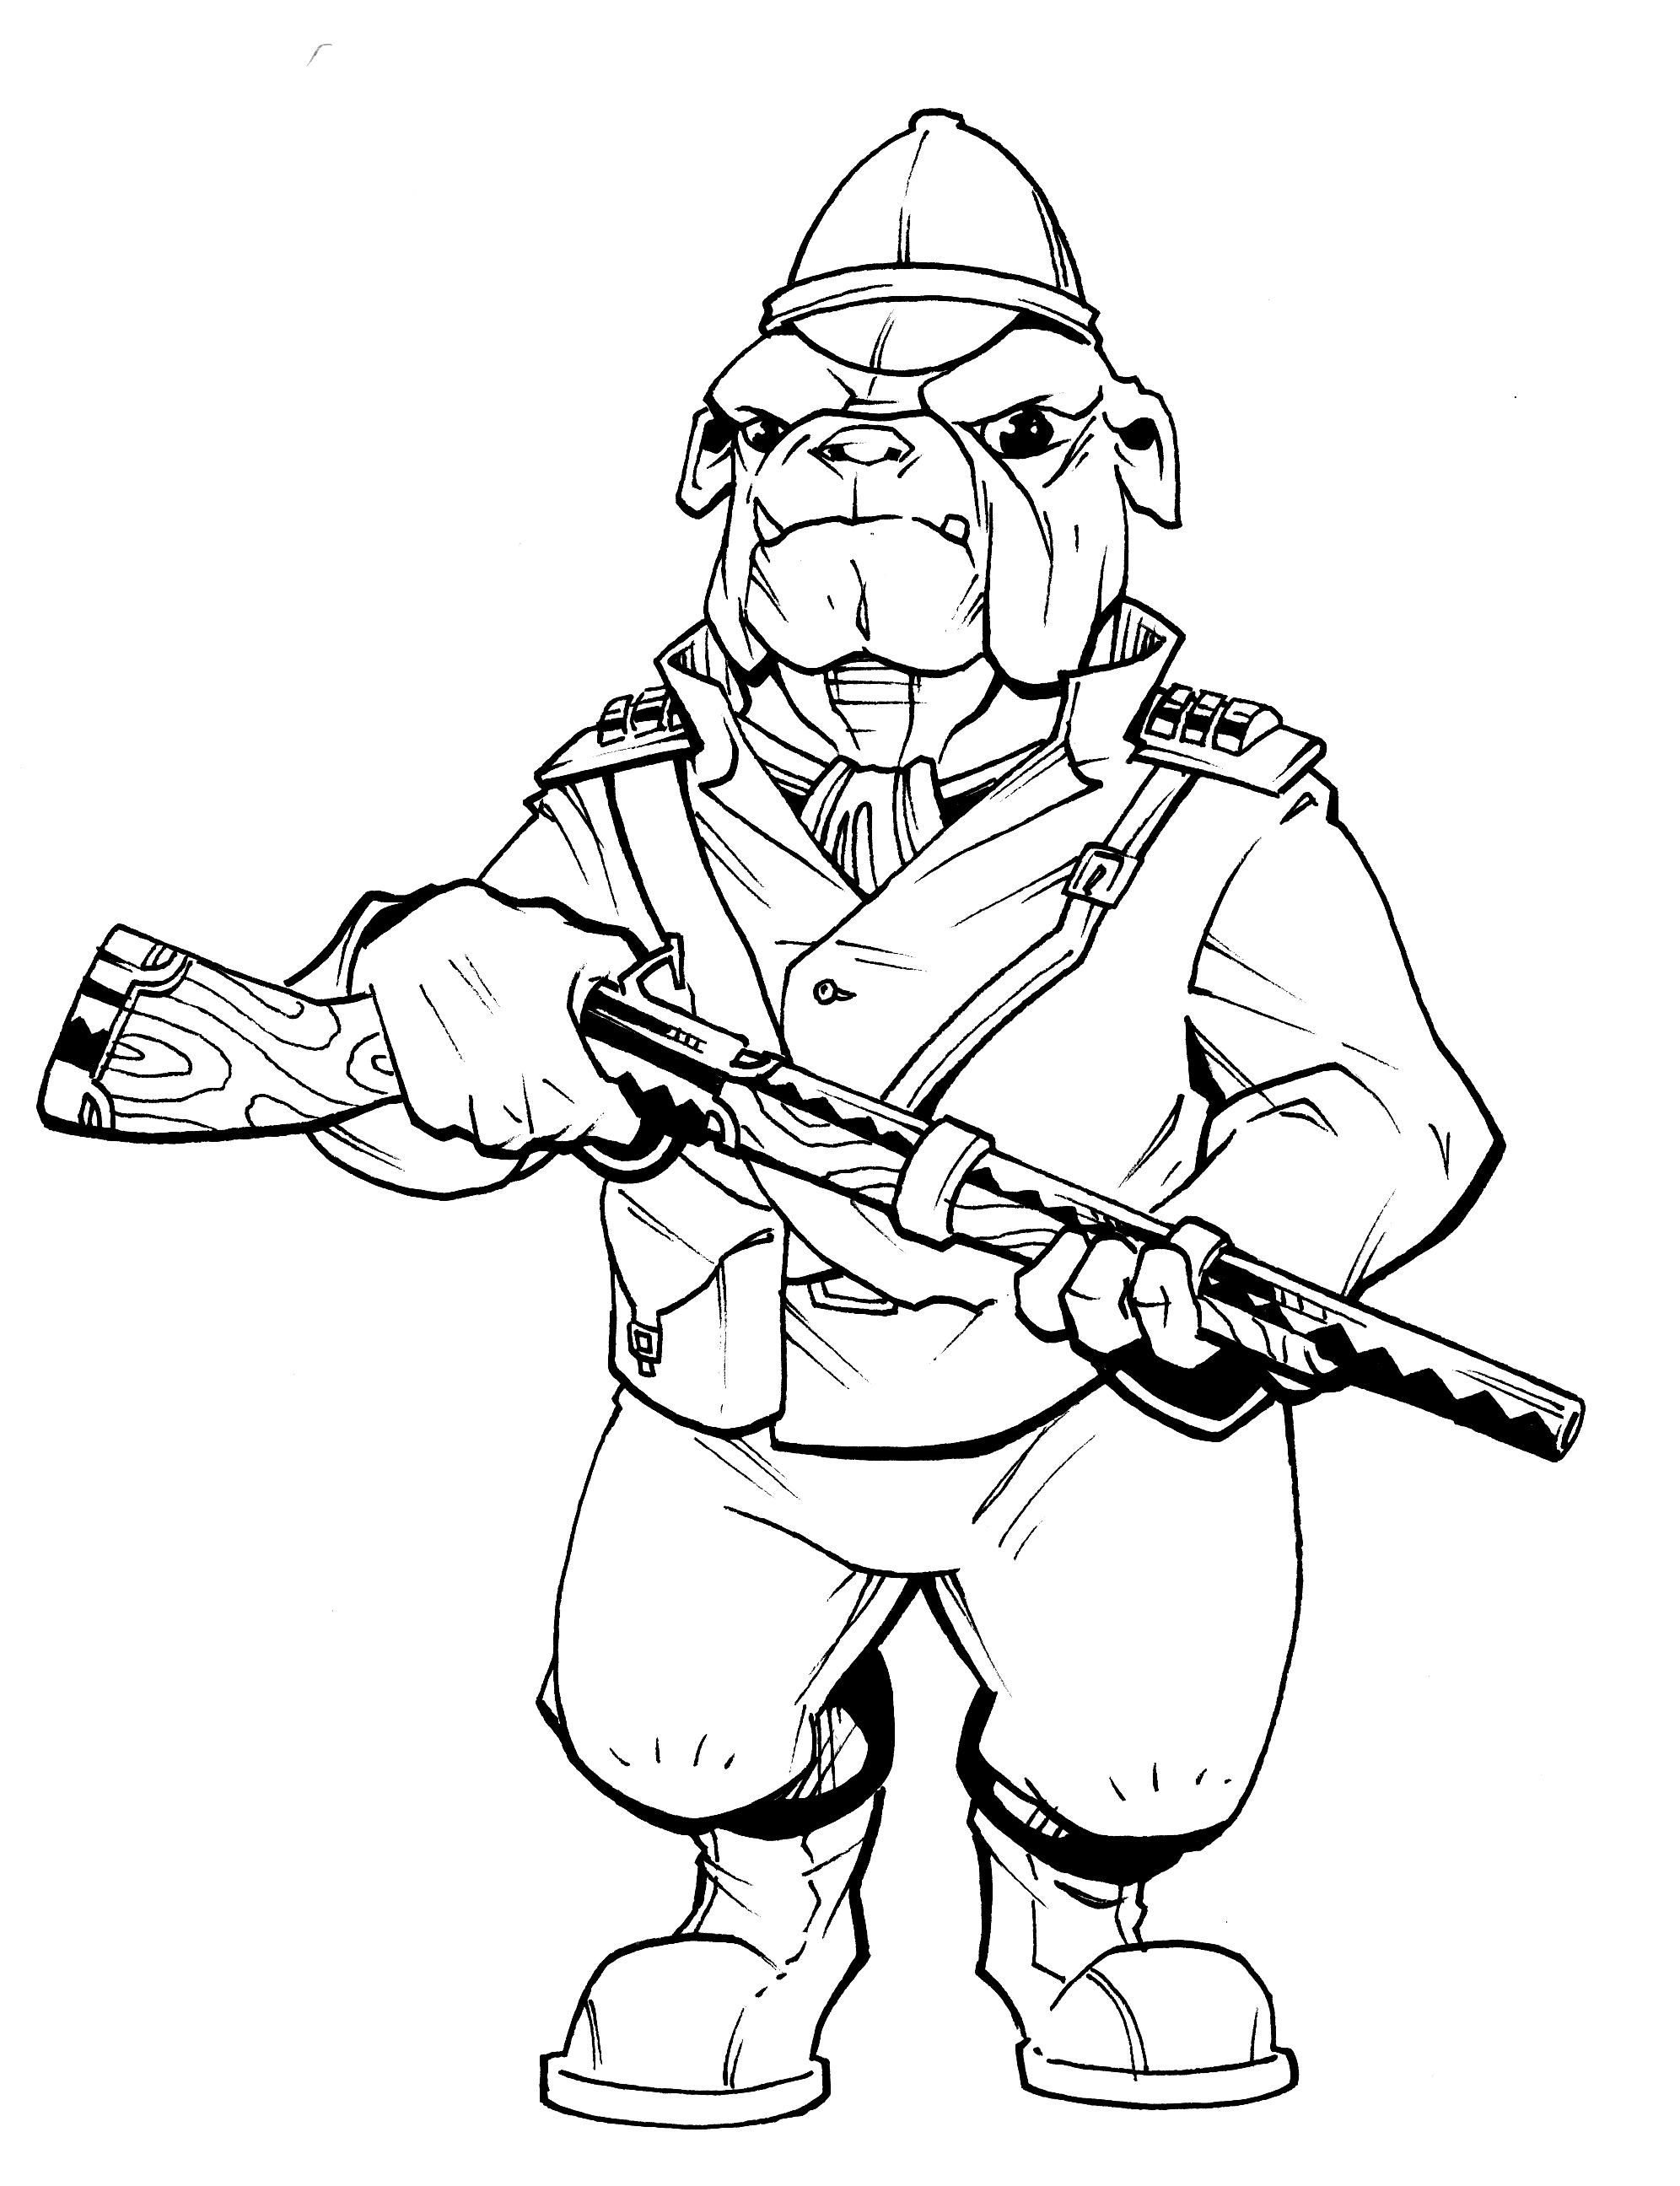 Mean Bulldog Drawings